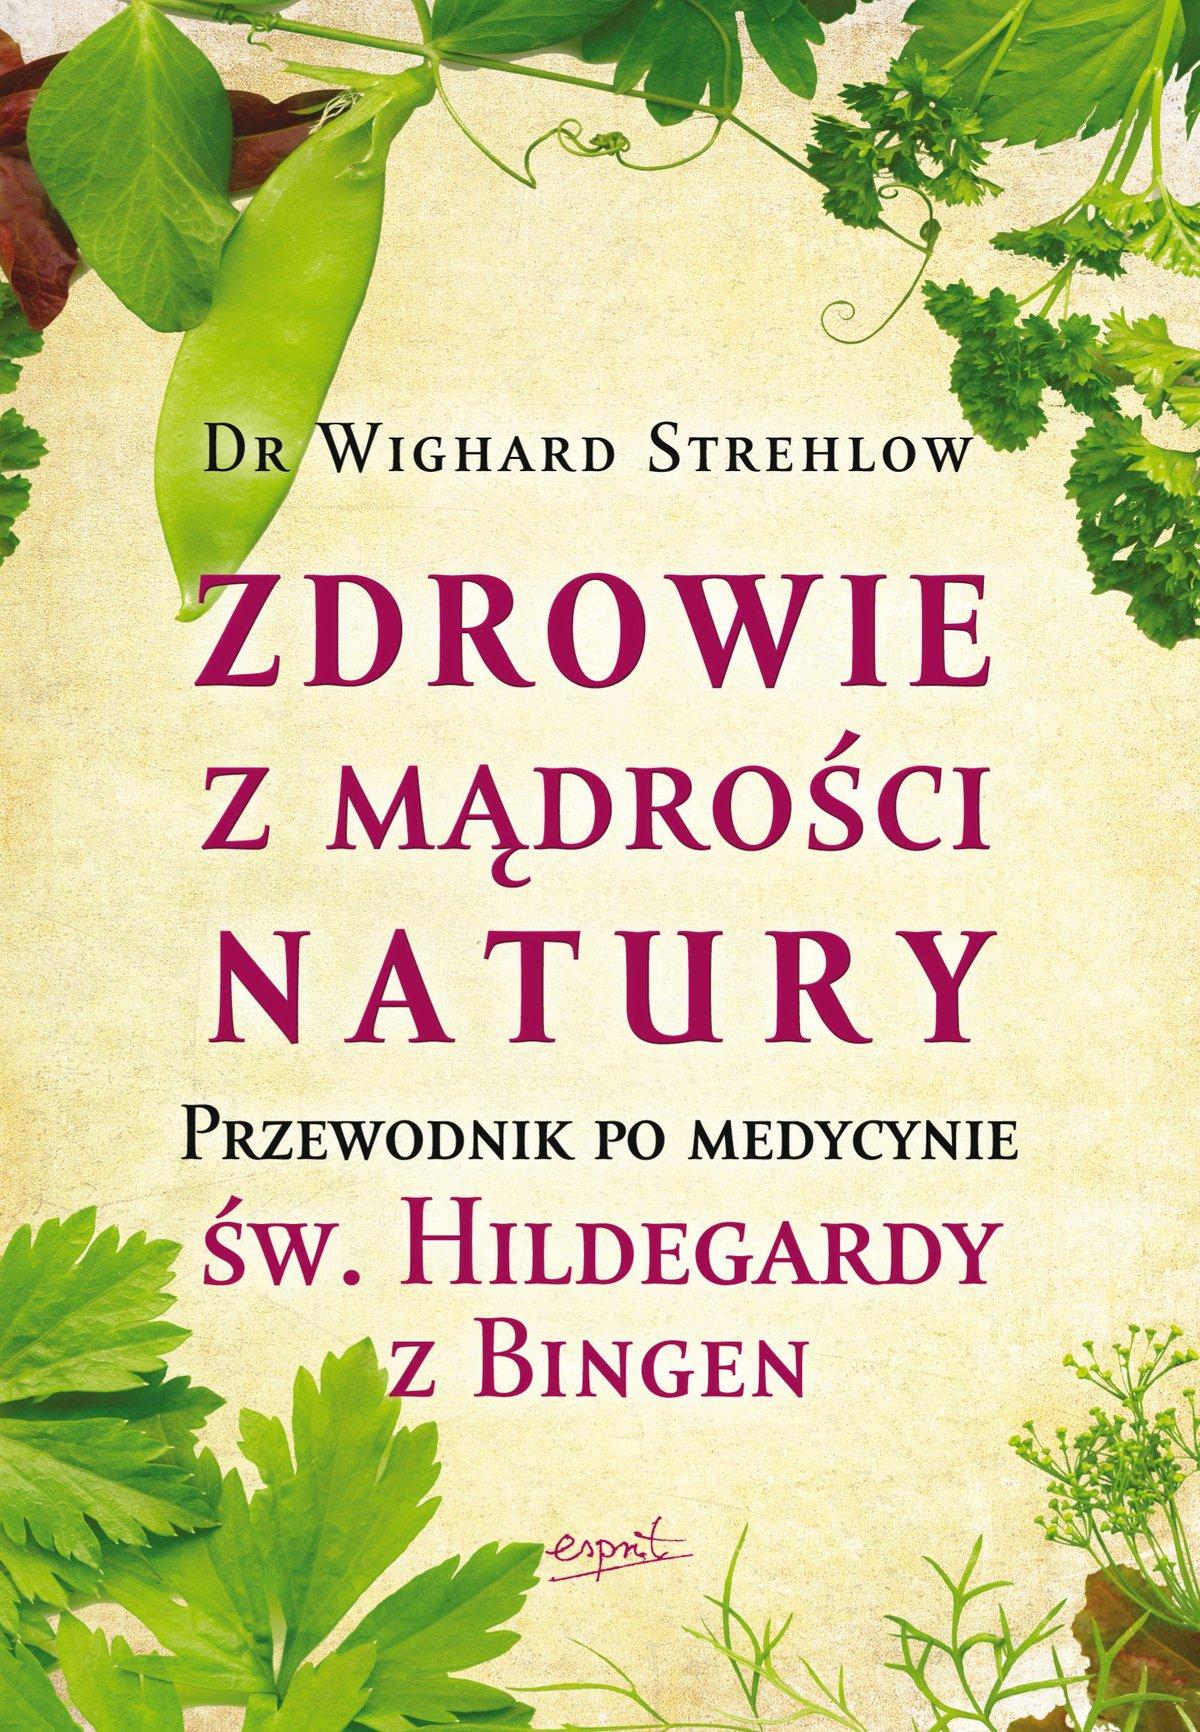 Zdrowie z mądrości natury - Ebook (Książka EPUB) do pobrania w formacie EPUB